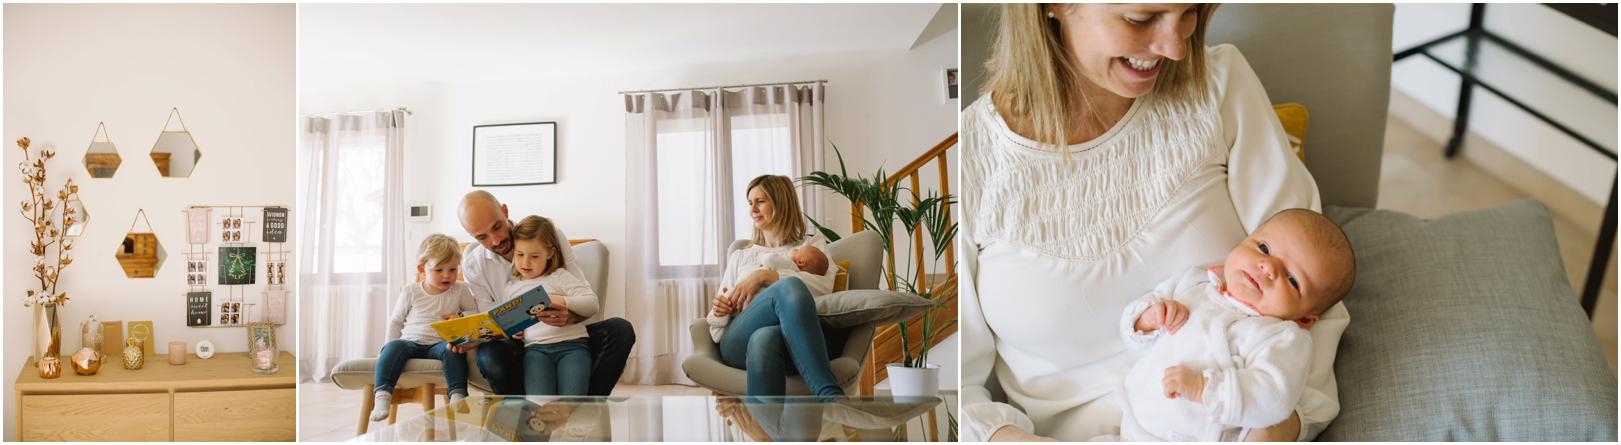 Photographe bébé en vaucluse Nancy Touranche 0001